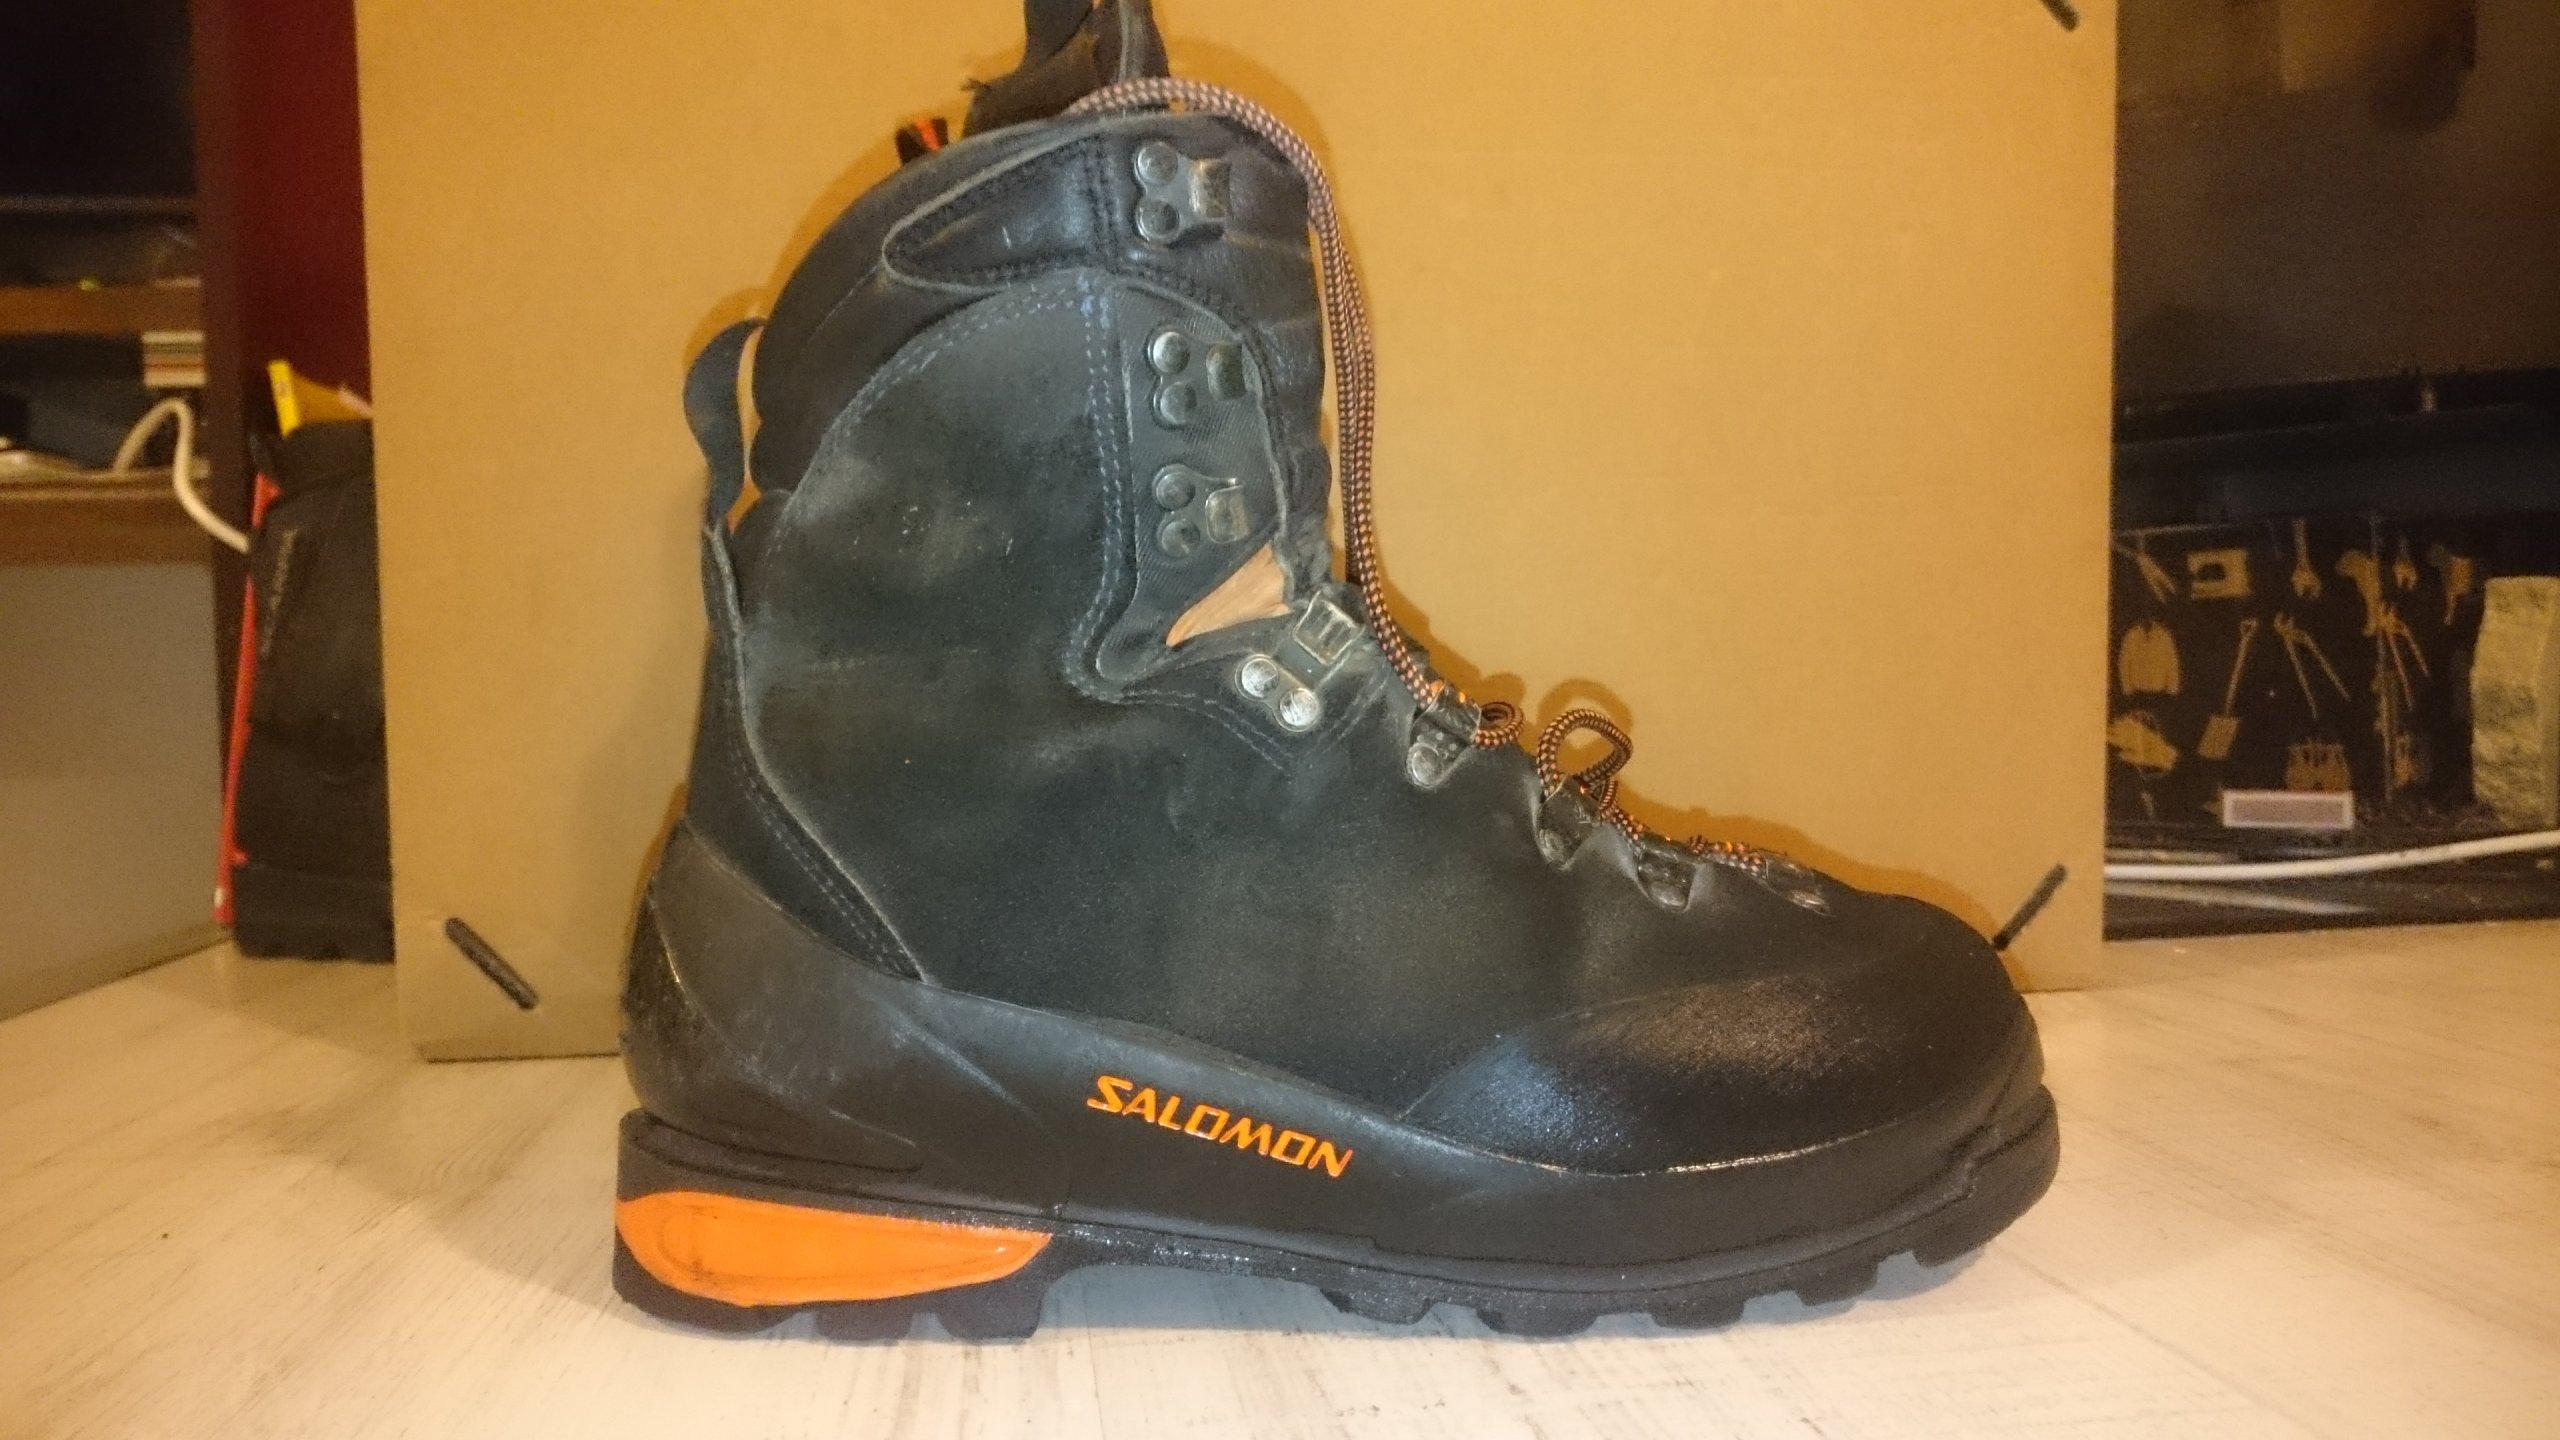 SALOMON buty wysokogórskie,górskie, rozmiar 42 7095659308